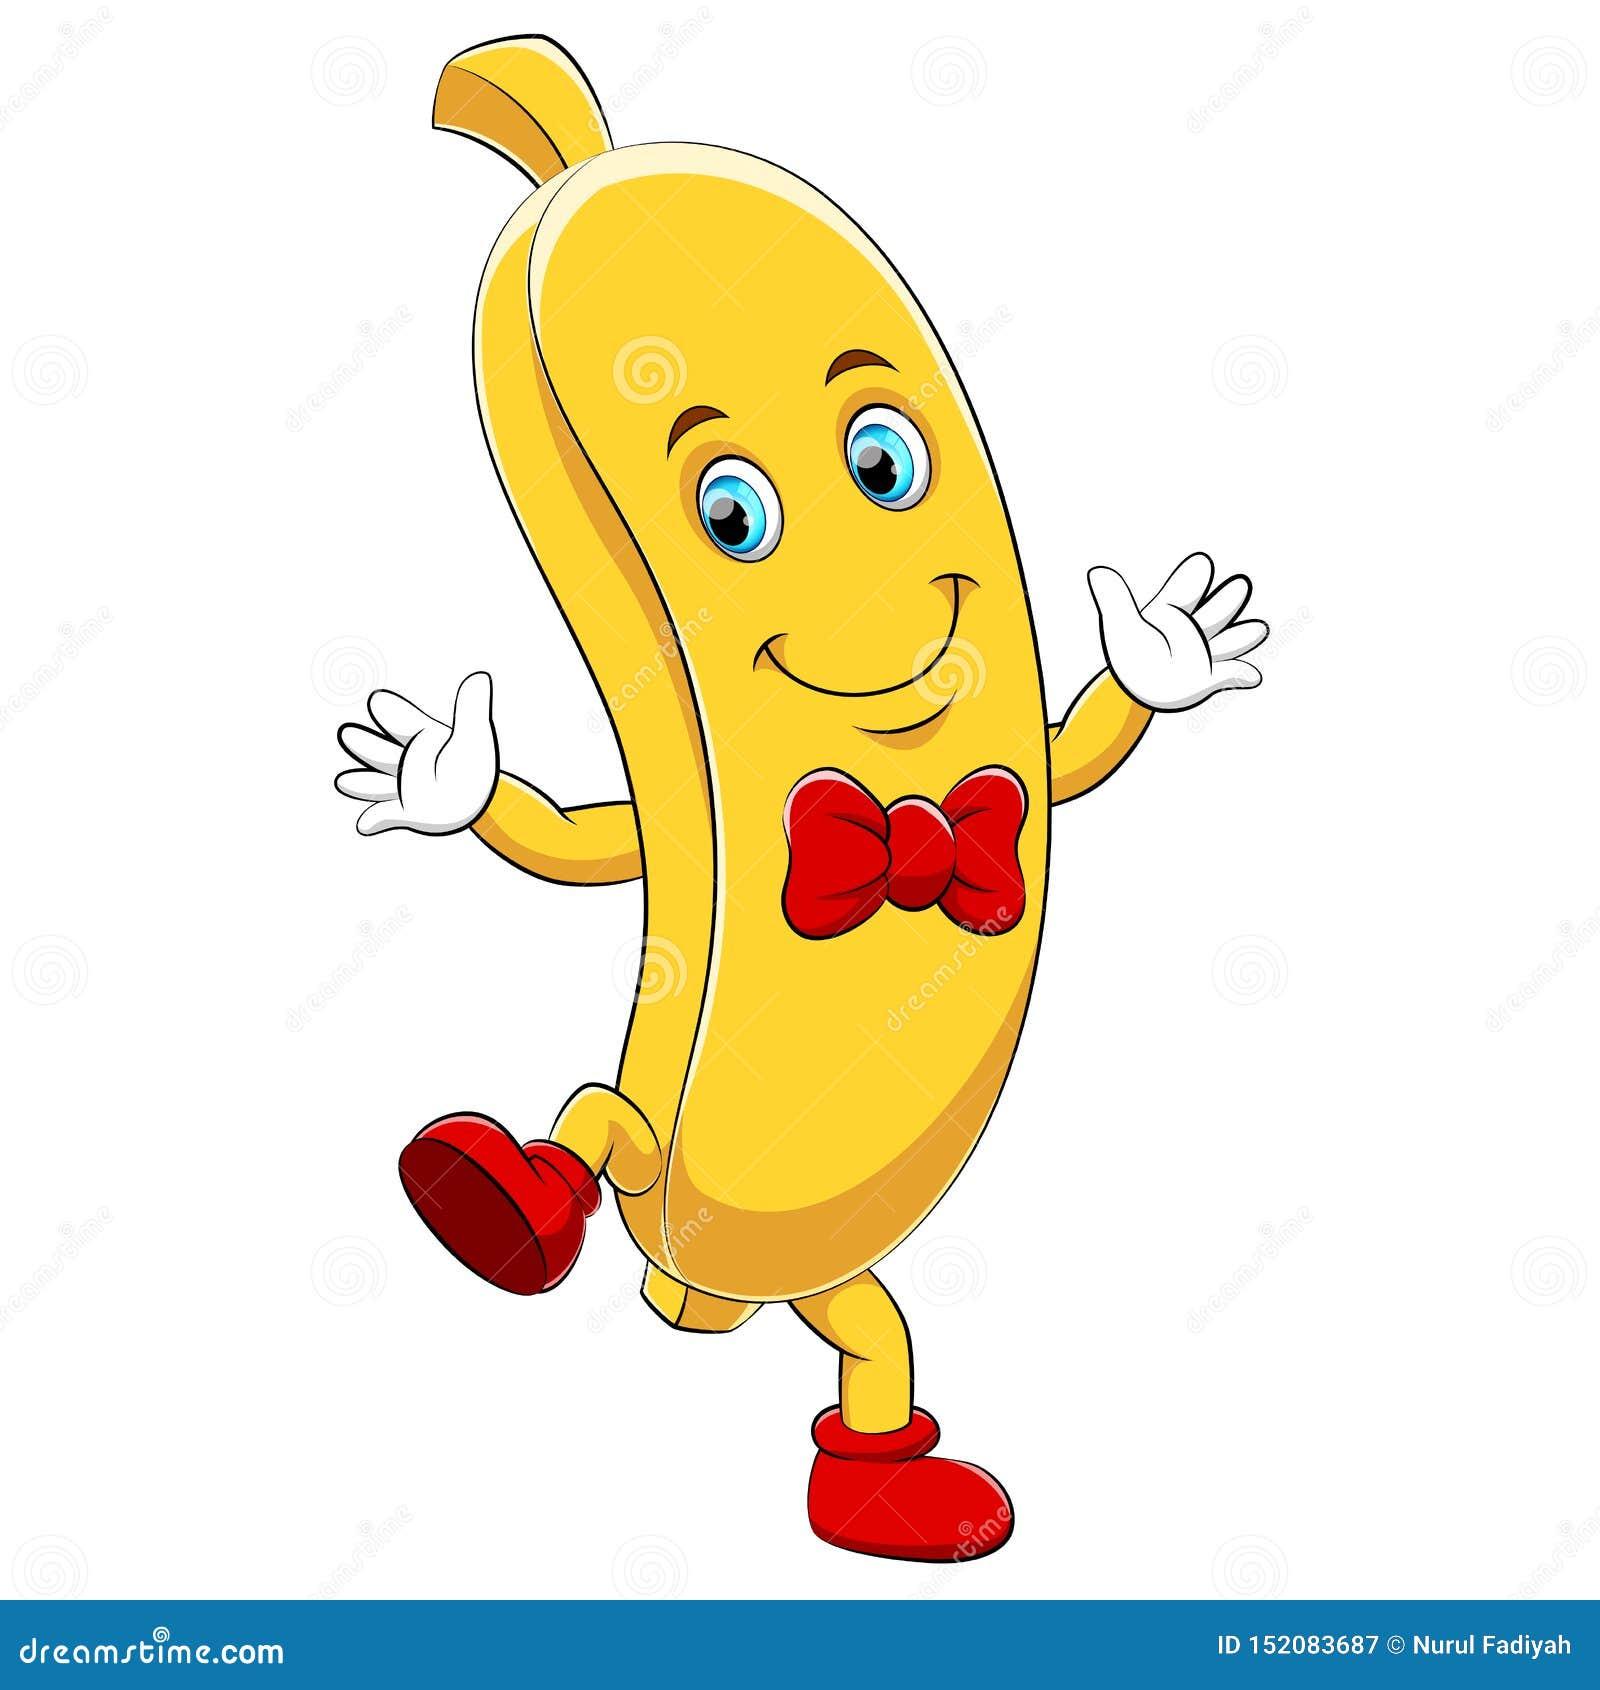 A cartoon happy banana character